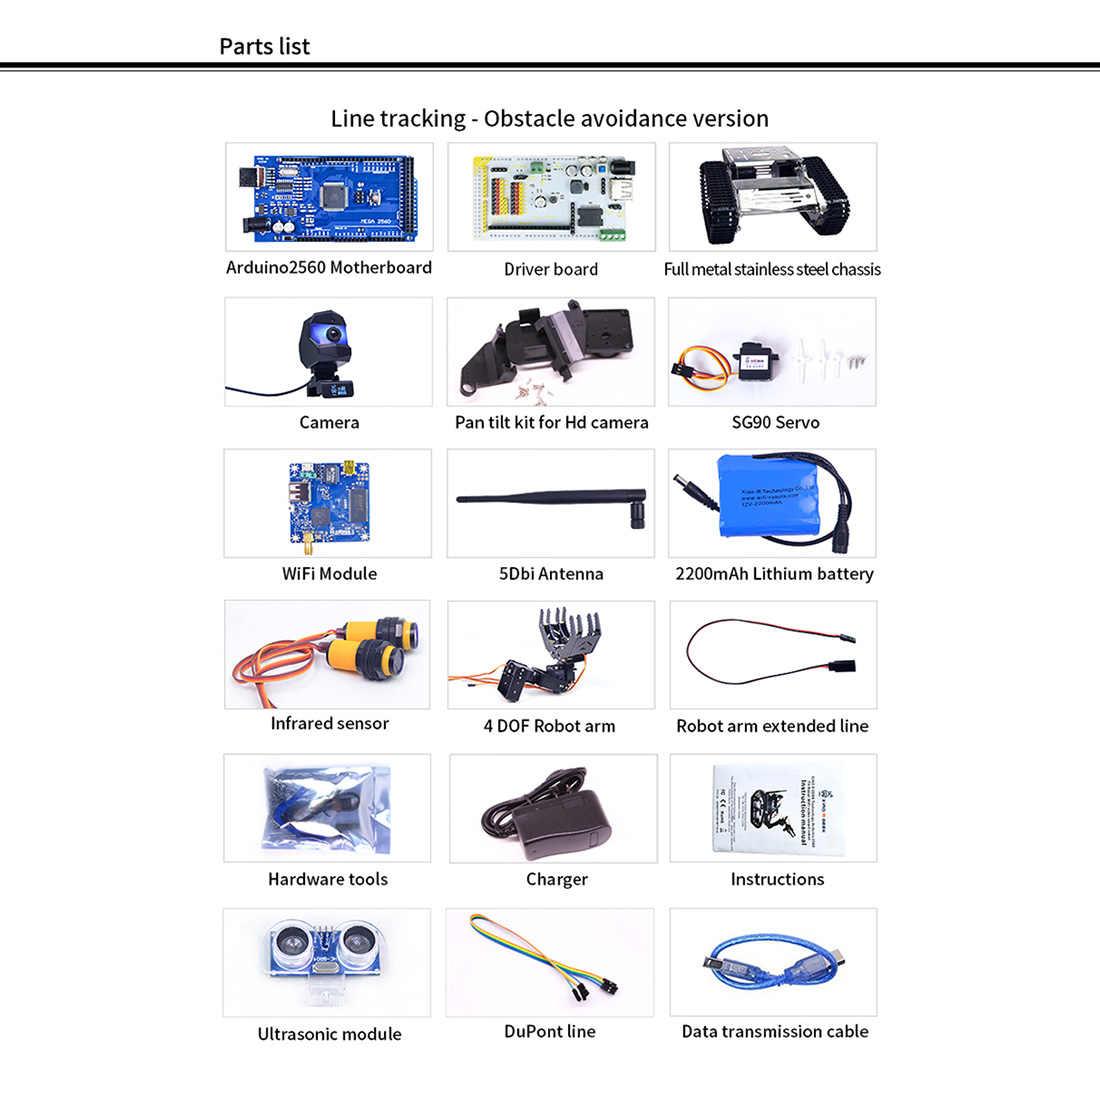 Programmabile TH WiFi Bluetooth FPV Serbatoio Robot Car Kit con il Braccio per Arduino MEGA - Line Patrol Obstacle Avoidance Versione di grandi dimensioni